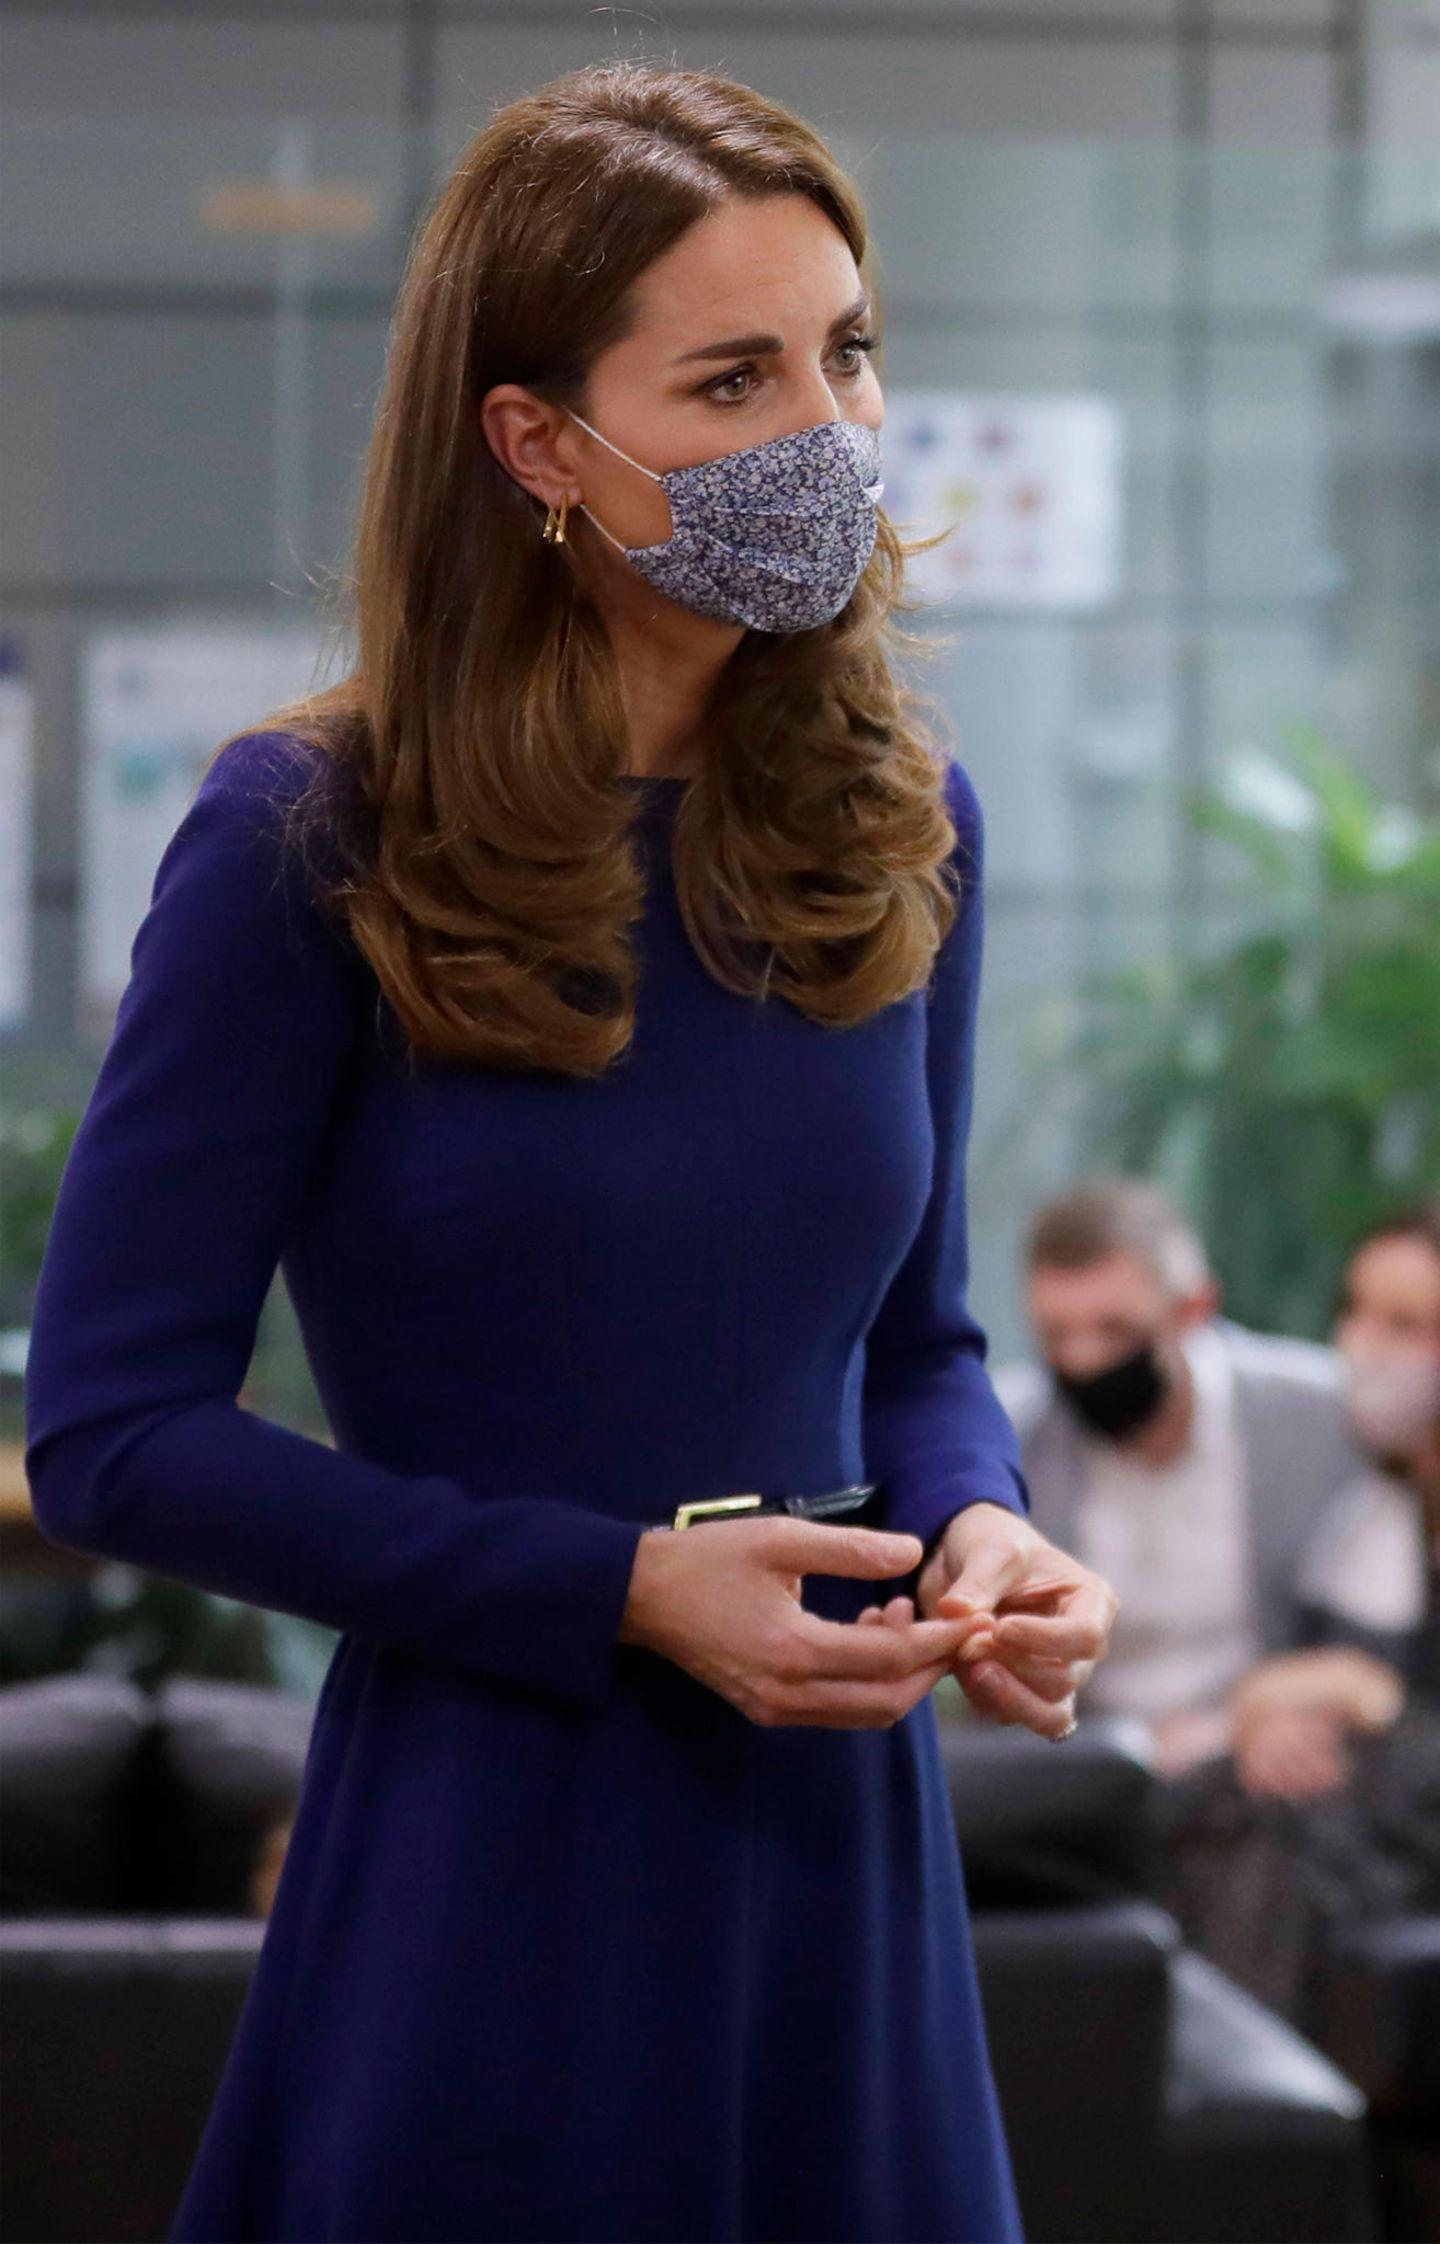 """Dieser Termin dürfte Herzogin Catherine nicht leicht gefallen sein. Am Mittwoch (14. Oktober) besucht die Dreifachmama die Kinder-Charity-Organisation """"Tommy's"""", die Forschungsarbeiten über Tot-, Früh- und Fehlgeburten finanziert und werdende Eltern und jene, die ein solches Drama erleben mussten, unterstützt. Für den Anlass wählte Kate ein schickesMidi-Dress in royalem Blau mit langen Ärmeln. Ihren Look komplettiert sie mit einem schwarzen Taillengürtel und farblich passenden Heels. Das besondereHighlight ihres Looks ist allerdings erst auf den zweiten Blick zu entdecken ..."""